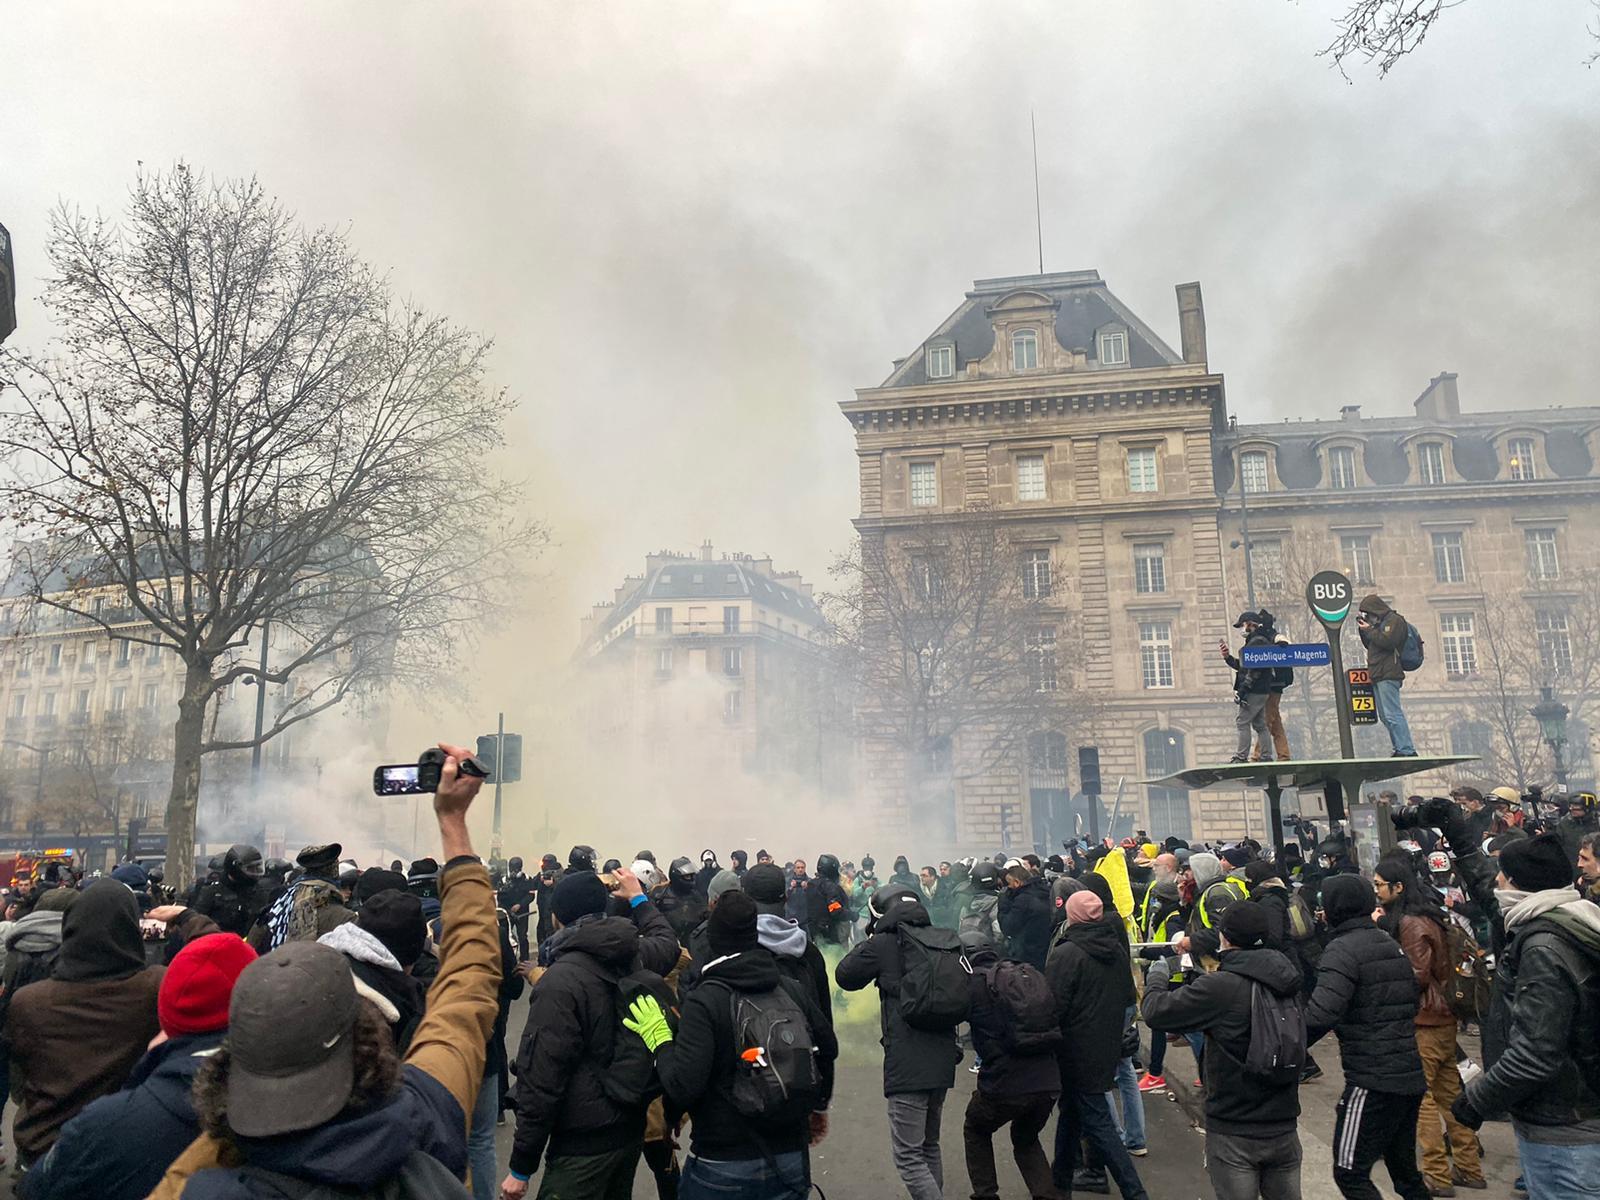 Police have asked protesters to move along to Place de la République.